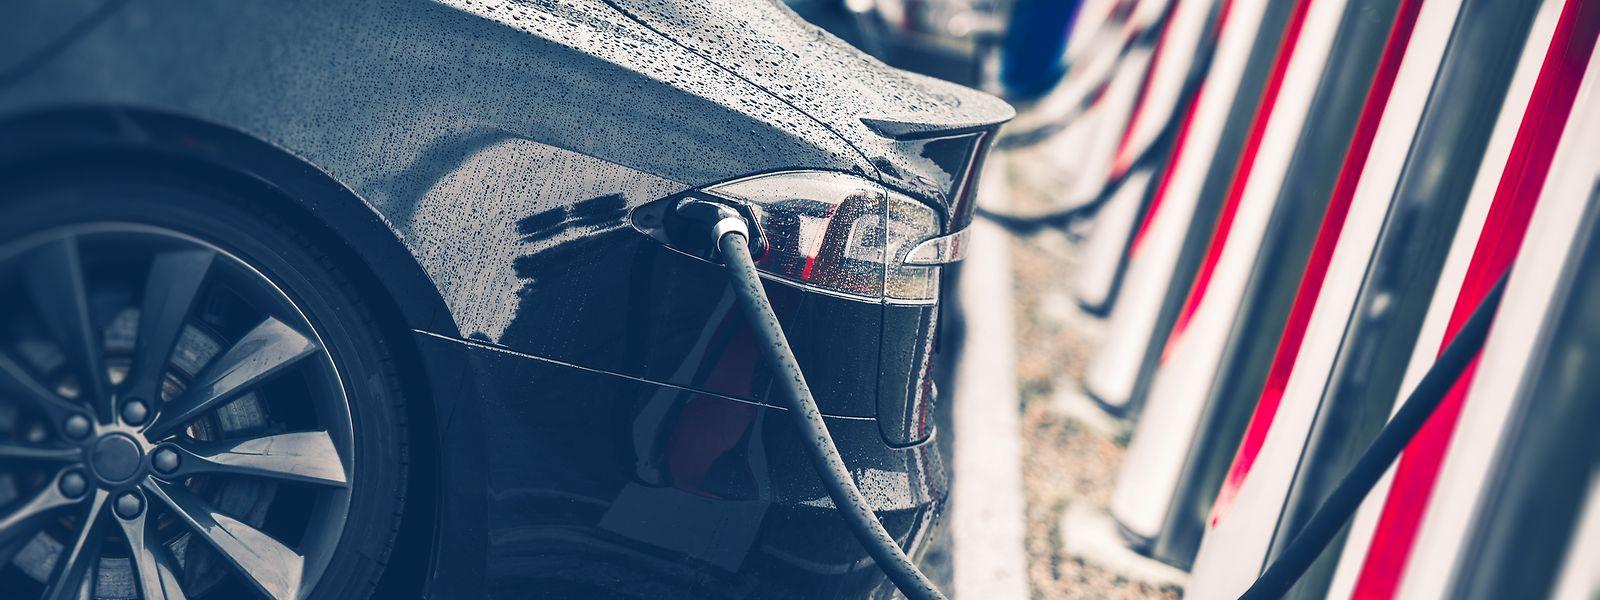 """Wie wird man sich in Zukunft fortbewegen? Was kommt nach Diesel und Benzin? Diese und weitere Fragen beantwortet Félix Urbain in seinem neu erschienenen Lehrbuch """"Clean Fuels""""."""